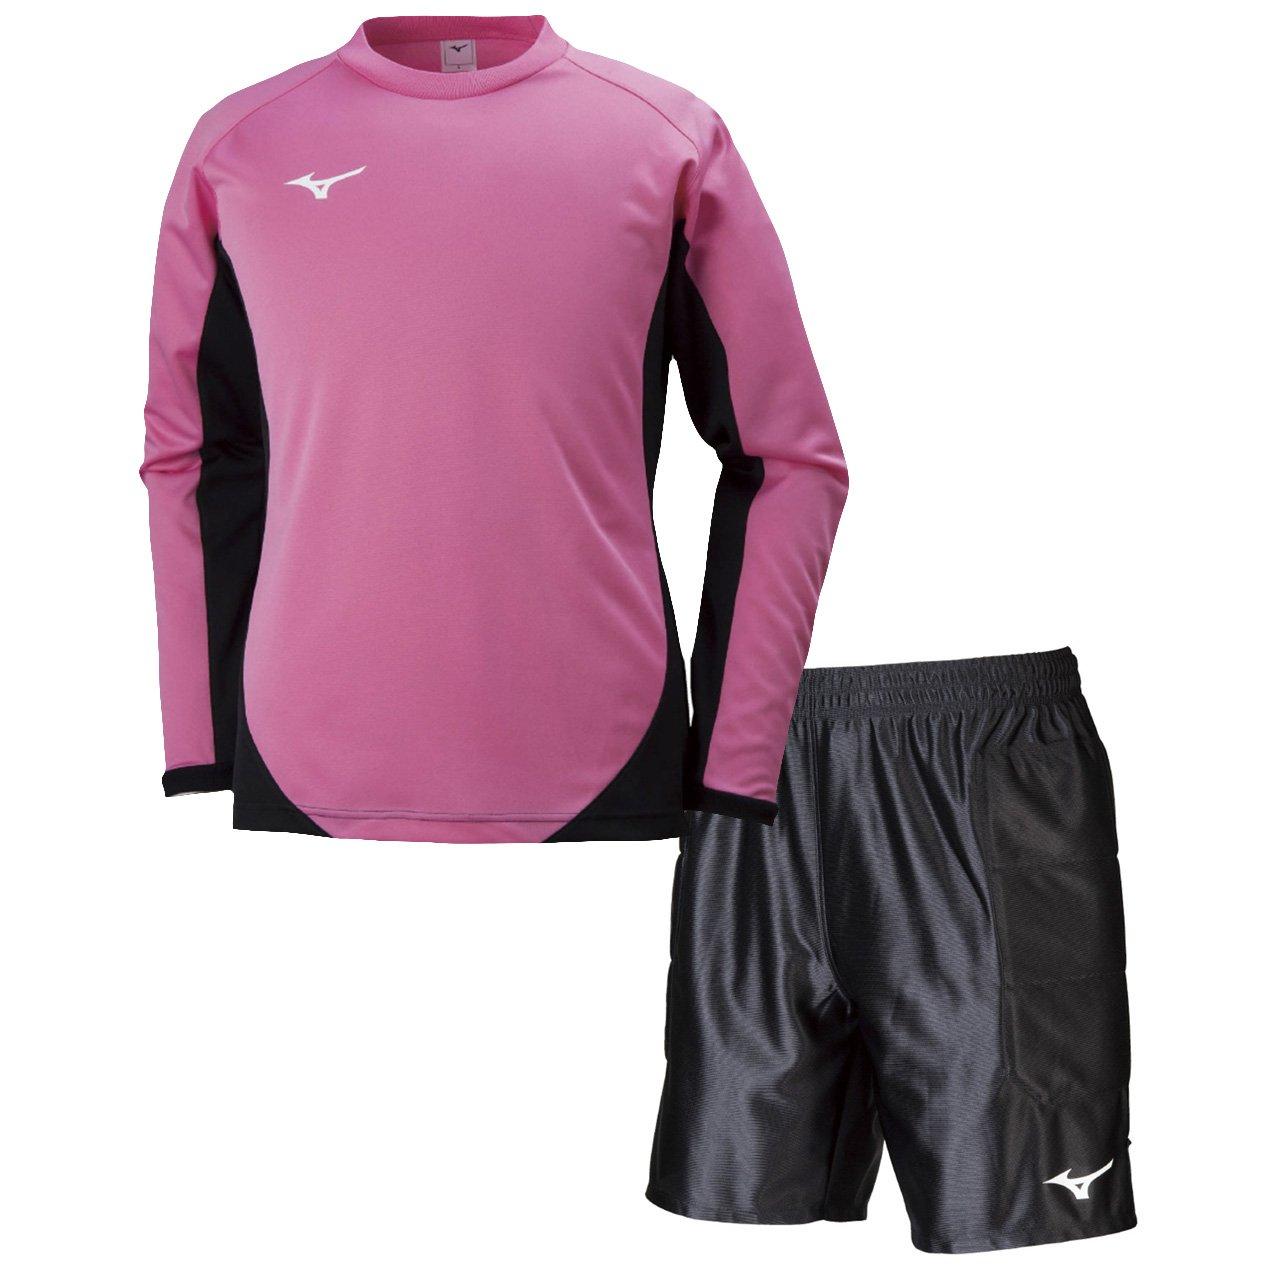 ミズノ(MIZUNO) キーパーシャツ&キーパーパンツ 上下セット(ピンク/ブラック) P2MA8075-65-P2MB8075-09 B079YQL3GJ L ピンク/ブラック ピンク/ブラック L